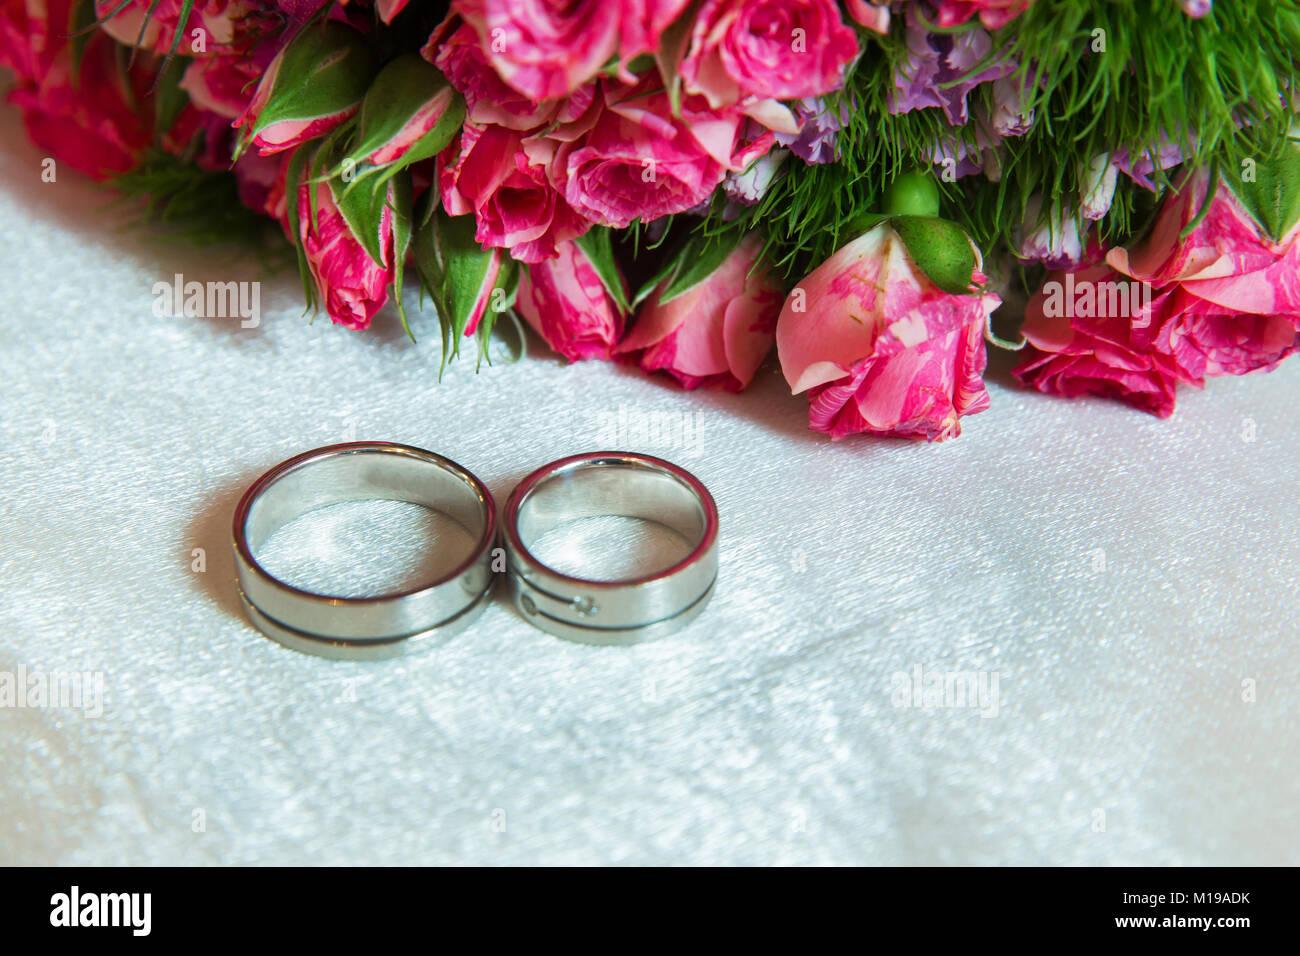 Zwei Ringe Im Hintergrund Von Bunten Blumen Close Up Von Zwei